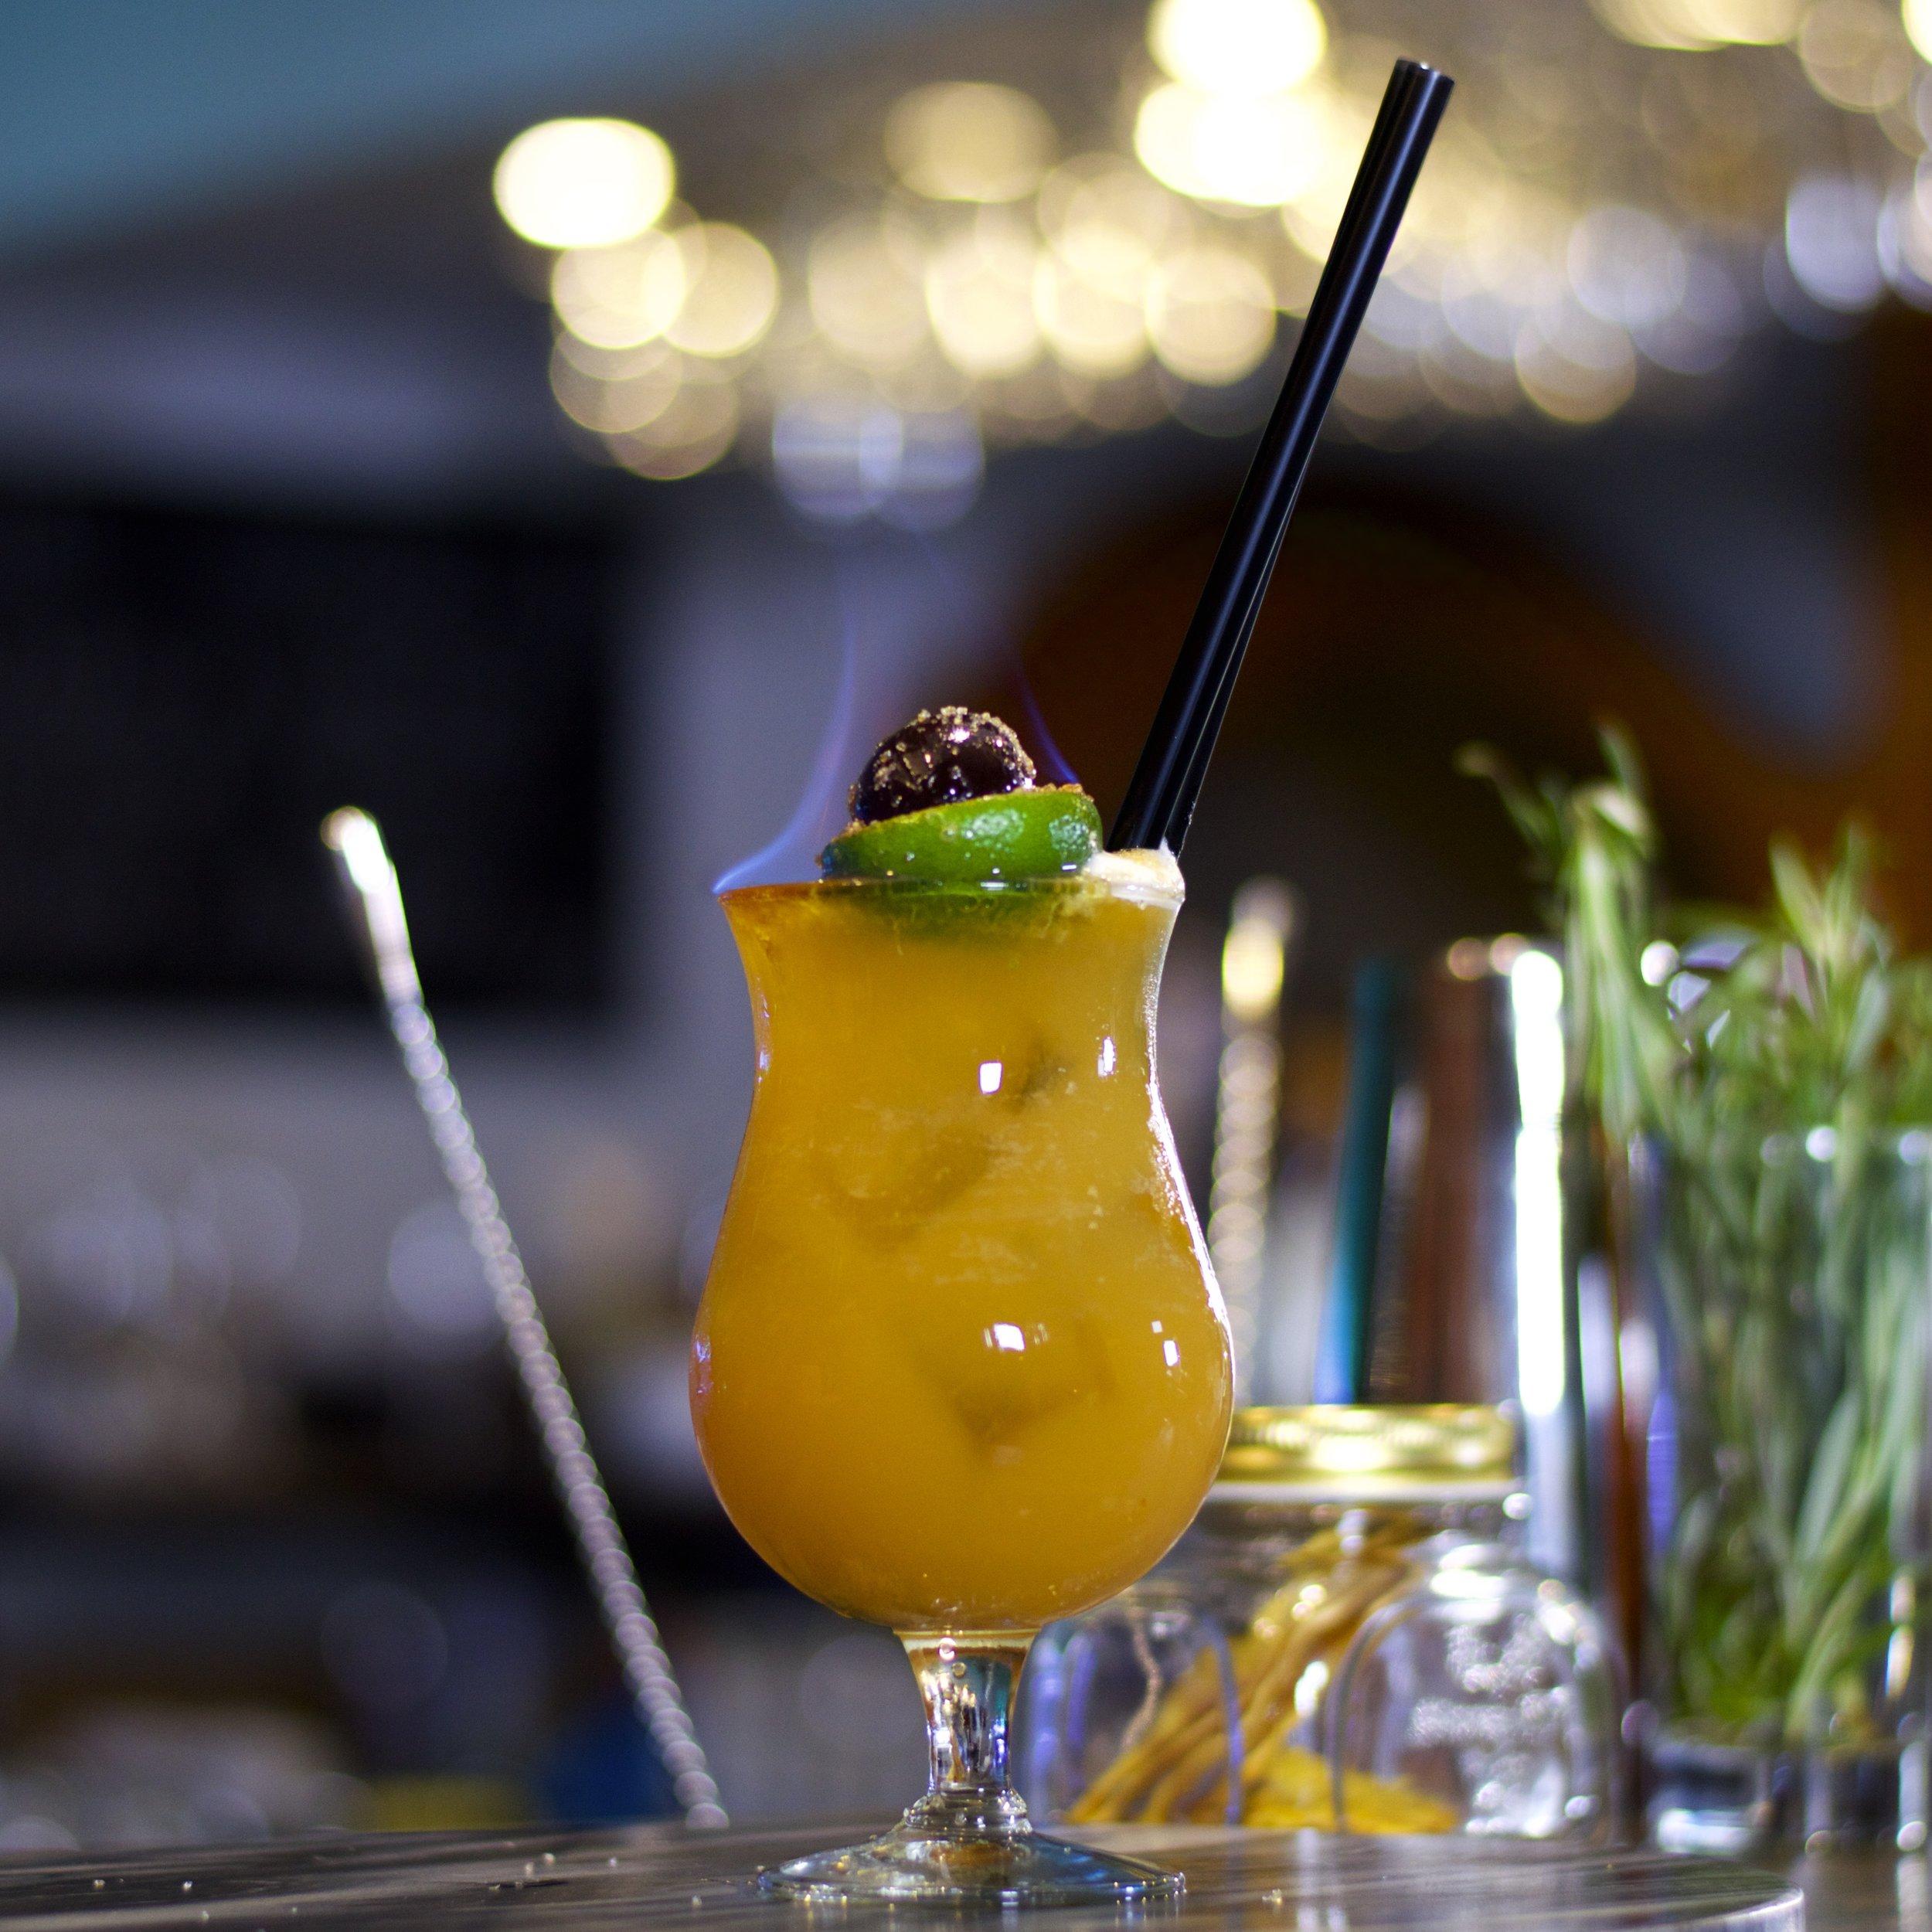 Zombie - Jeden z najsilnejších kokteilov na bare. Zombie sa skladá z bieleho rumu, tmavého rumu, Apricot Brandy, Cointreau, limetovej a citrónovej šťavy spolu s ananásovým a pomarančovým džúsom.